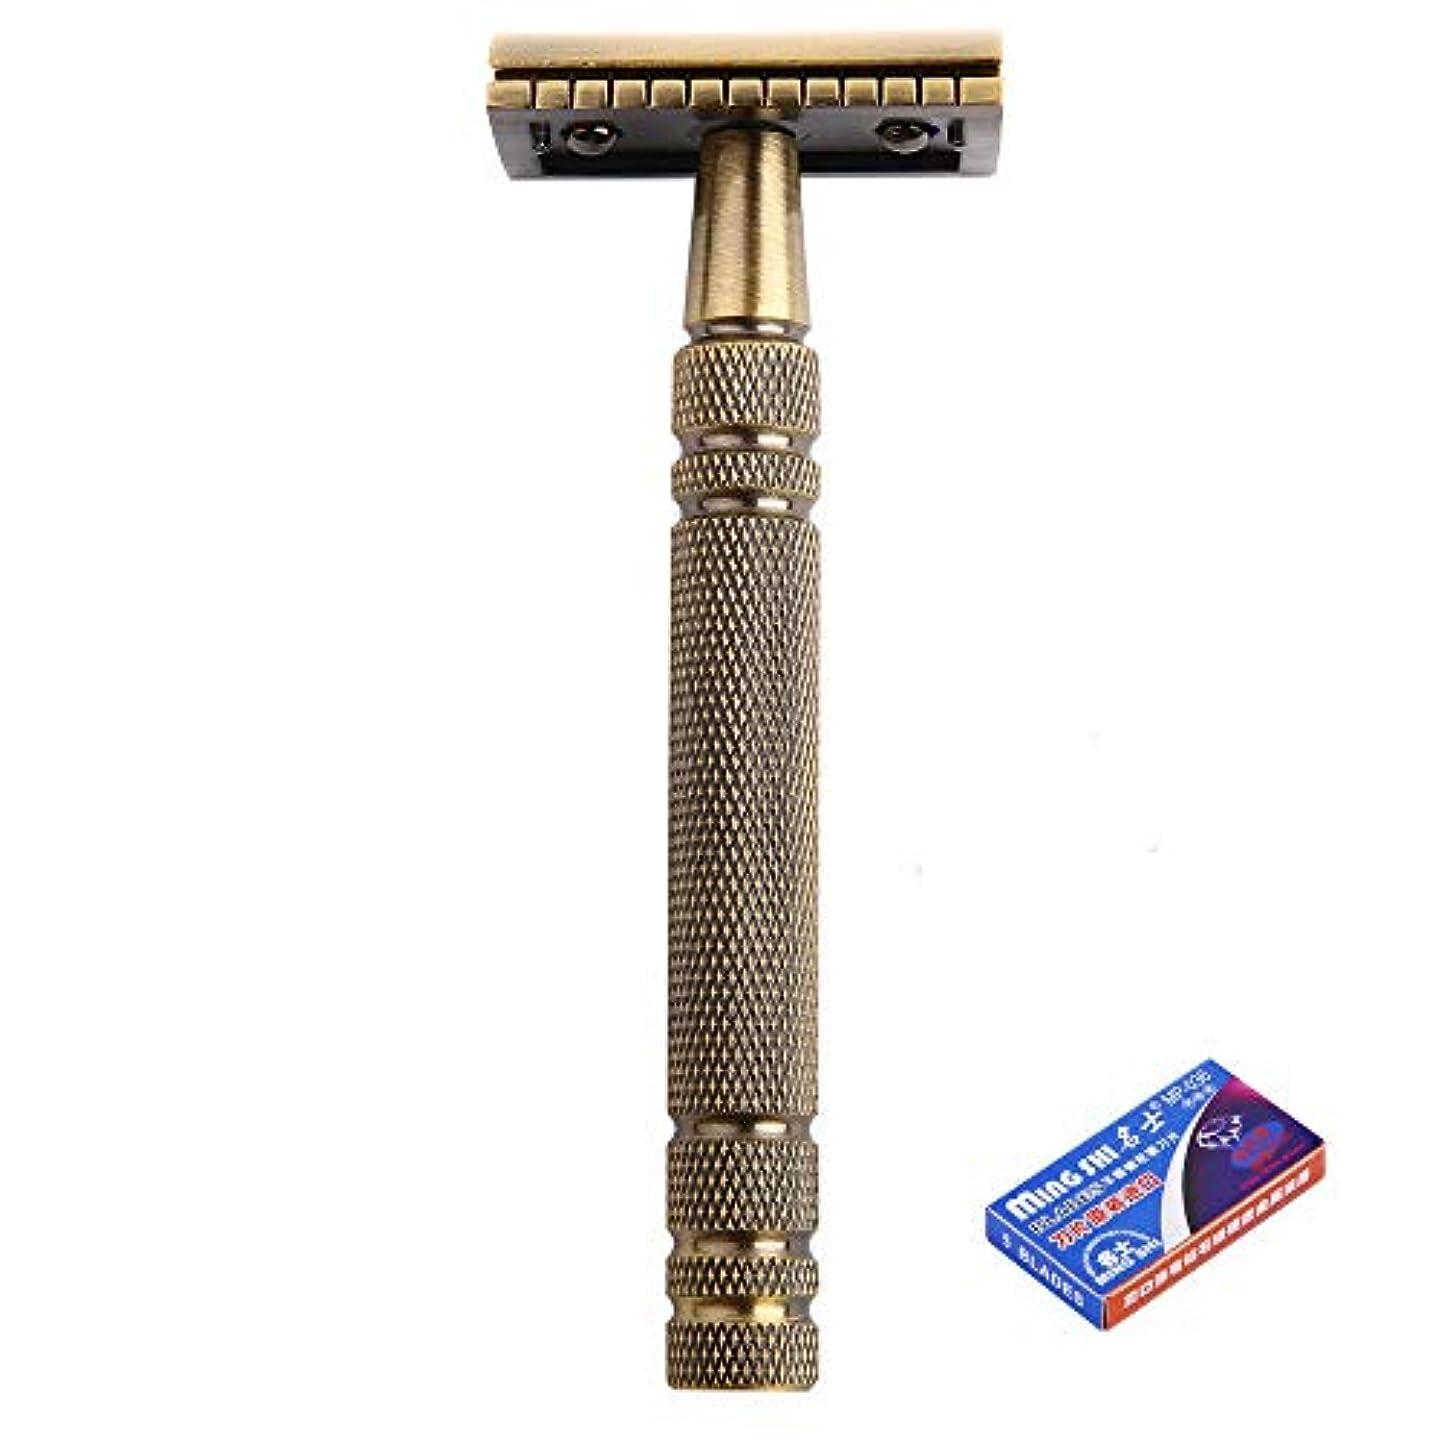 真鍮カミソリ本体 クラシック両刃ホルダー 髭剃 ダブルエッジかみそりメンズ 一枚刃カミソリ 替刃5枚付